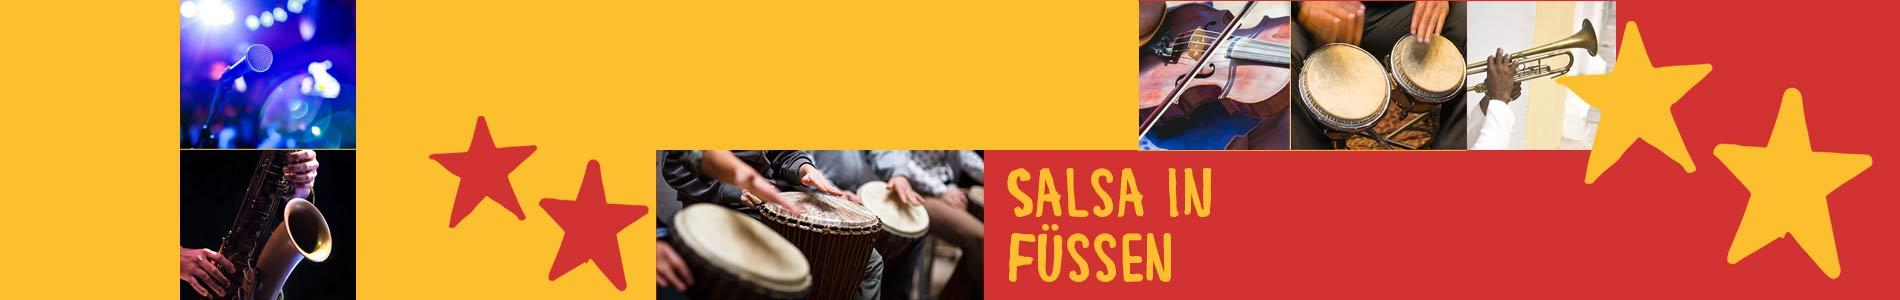 Salsa in Füssen – Salsa lernen und tanzen, Tanzkurse, Partys, Veranstaltungen